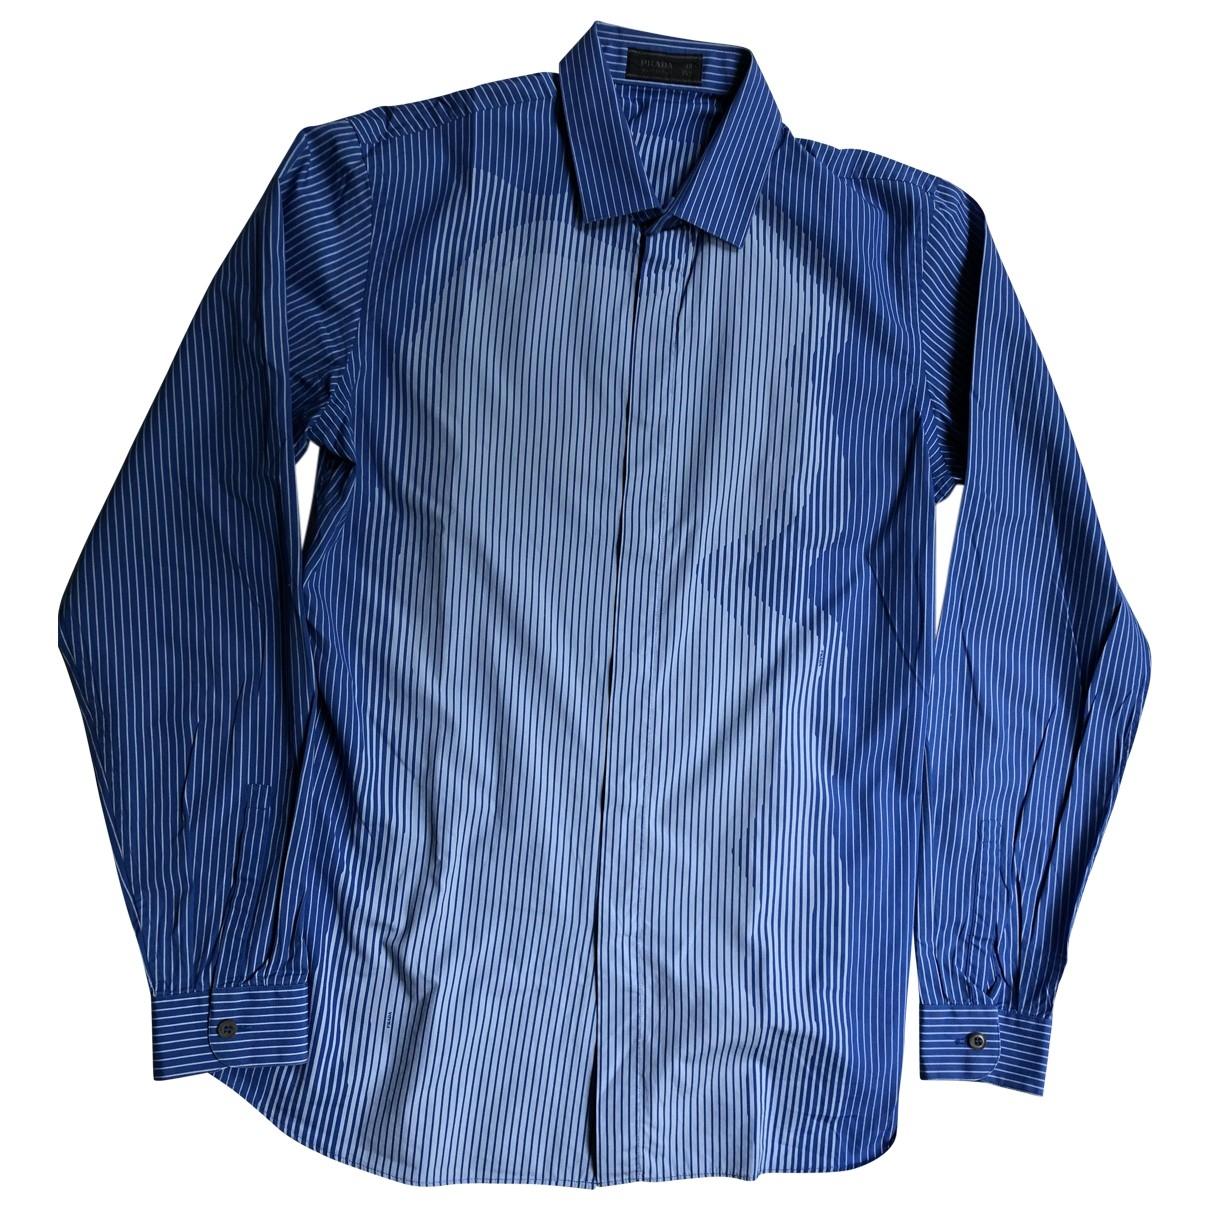 Prada \N Hemden in  Blau Baumwolle